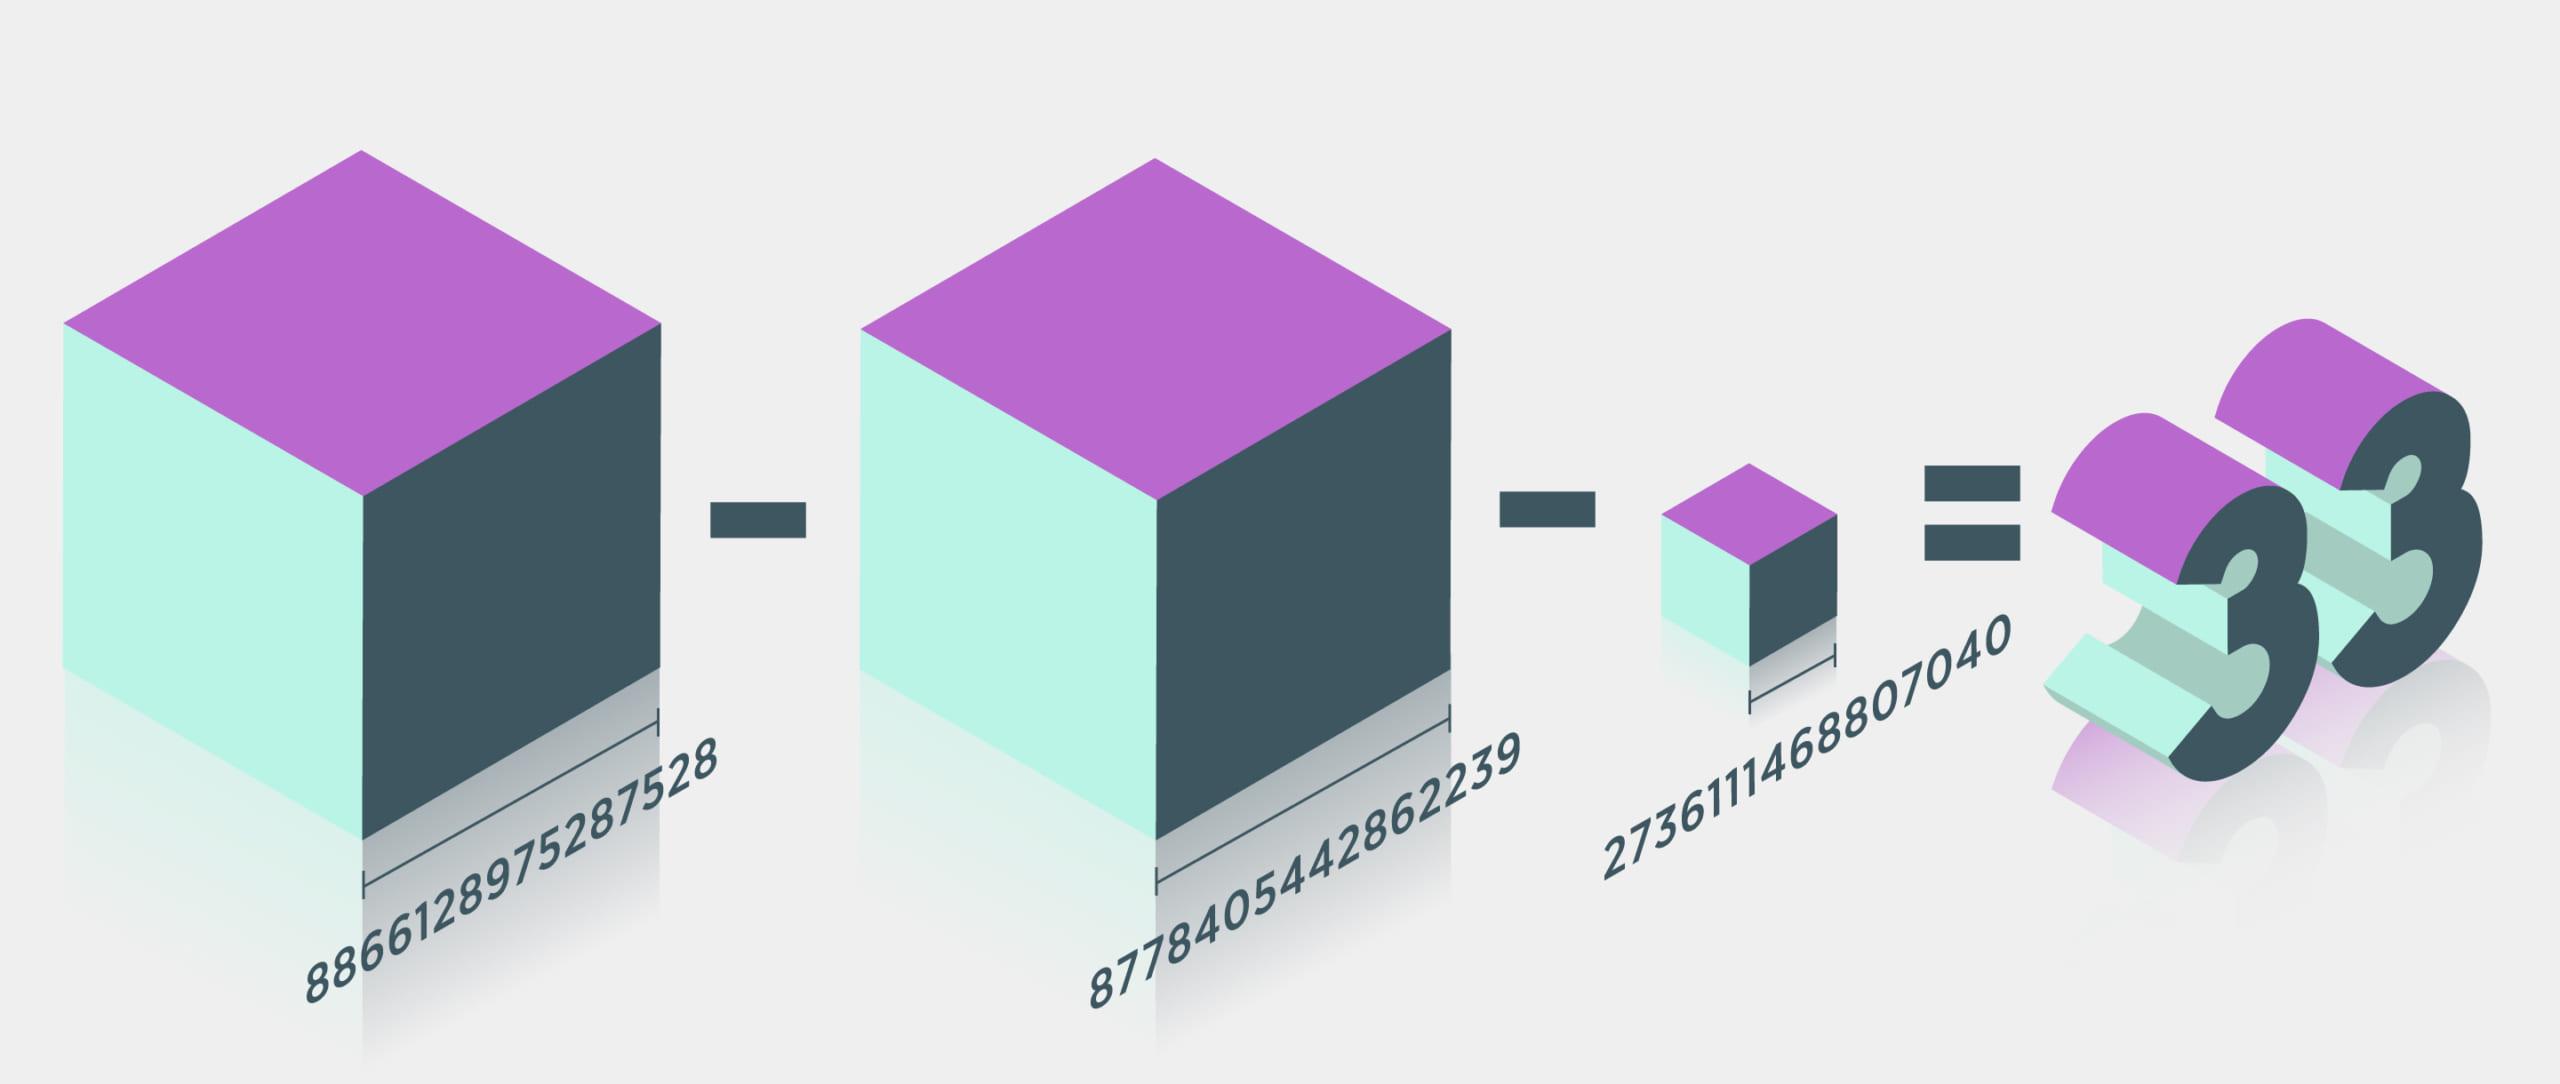 「42を3つの立法数の和で表わせ」長年未解決だった数学の難問が解明されるの画像 2/4